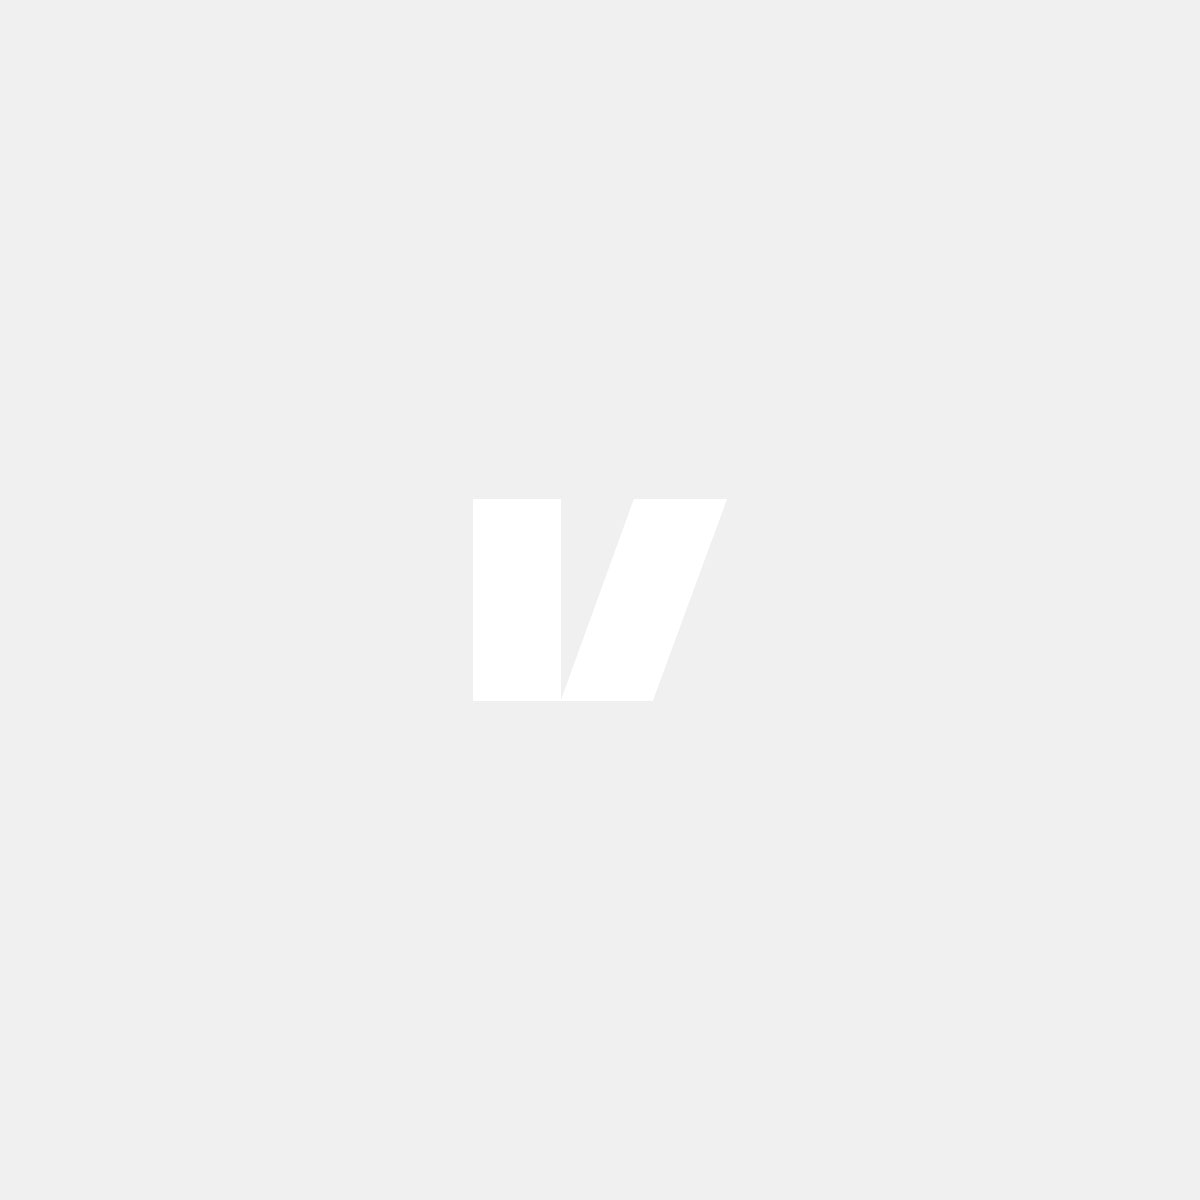 Lyktglas klarglas till Volvo S60, V70, XC70 00-04, förarsidan